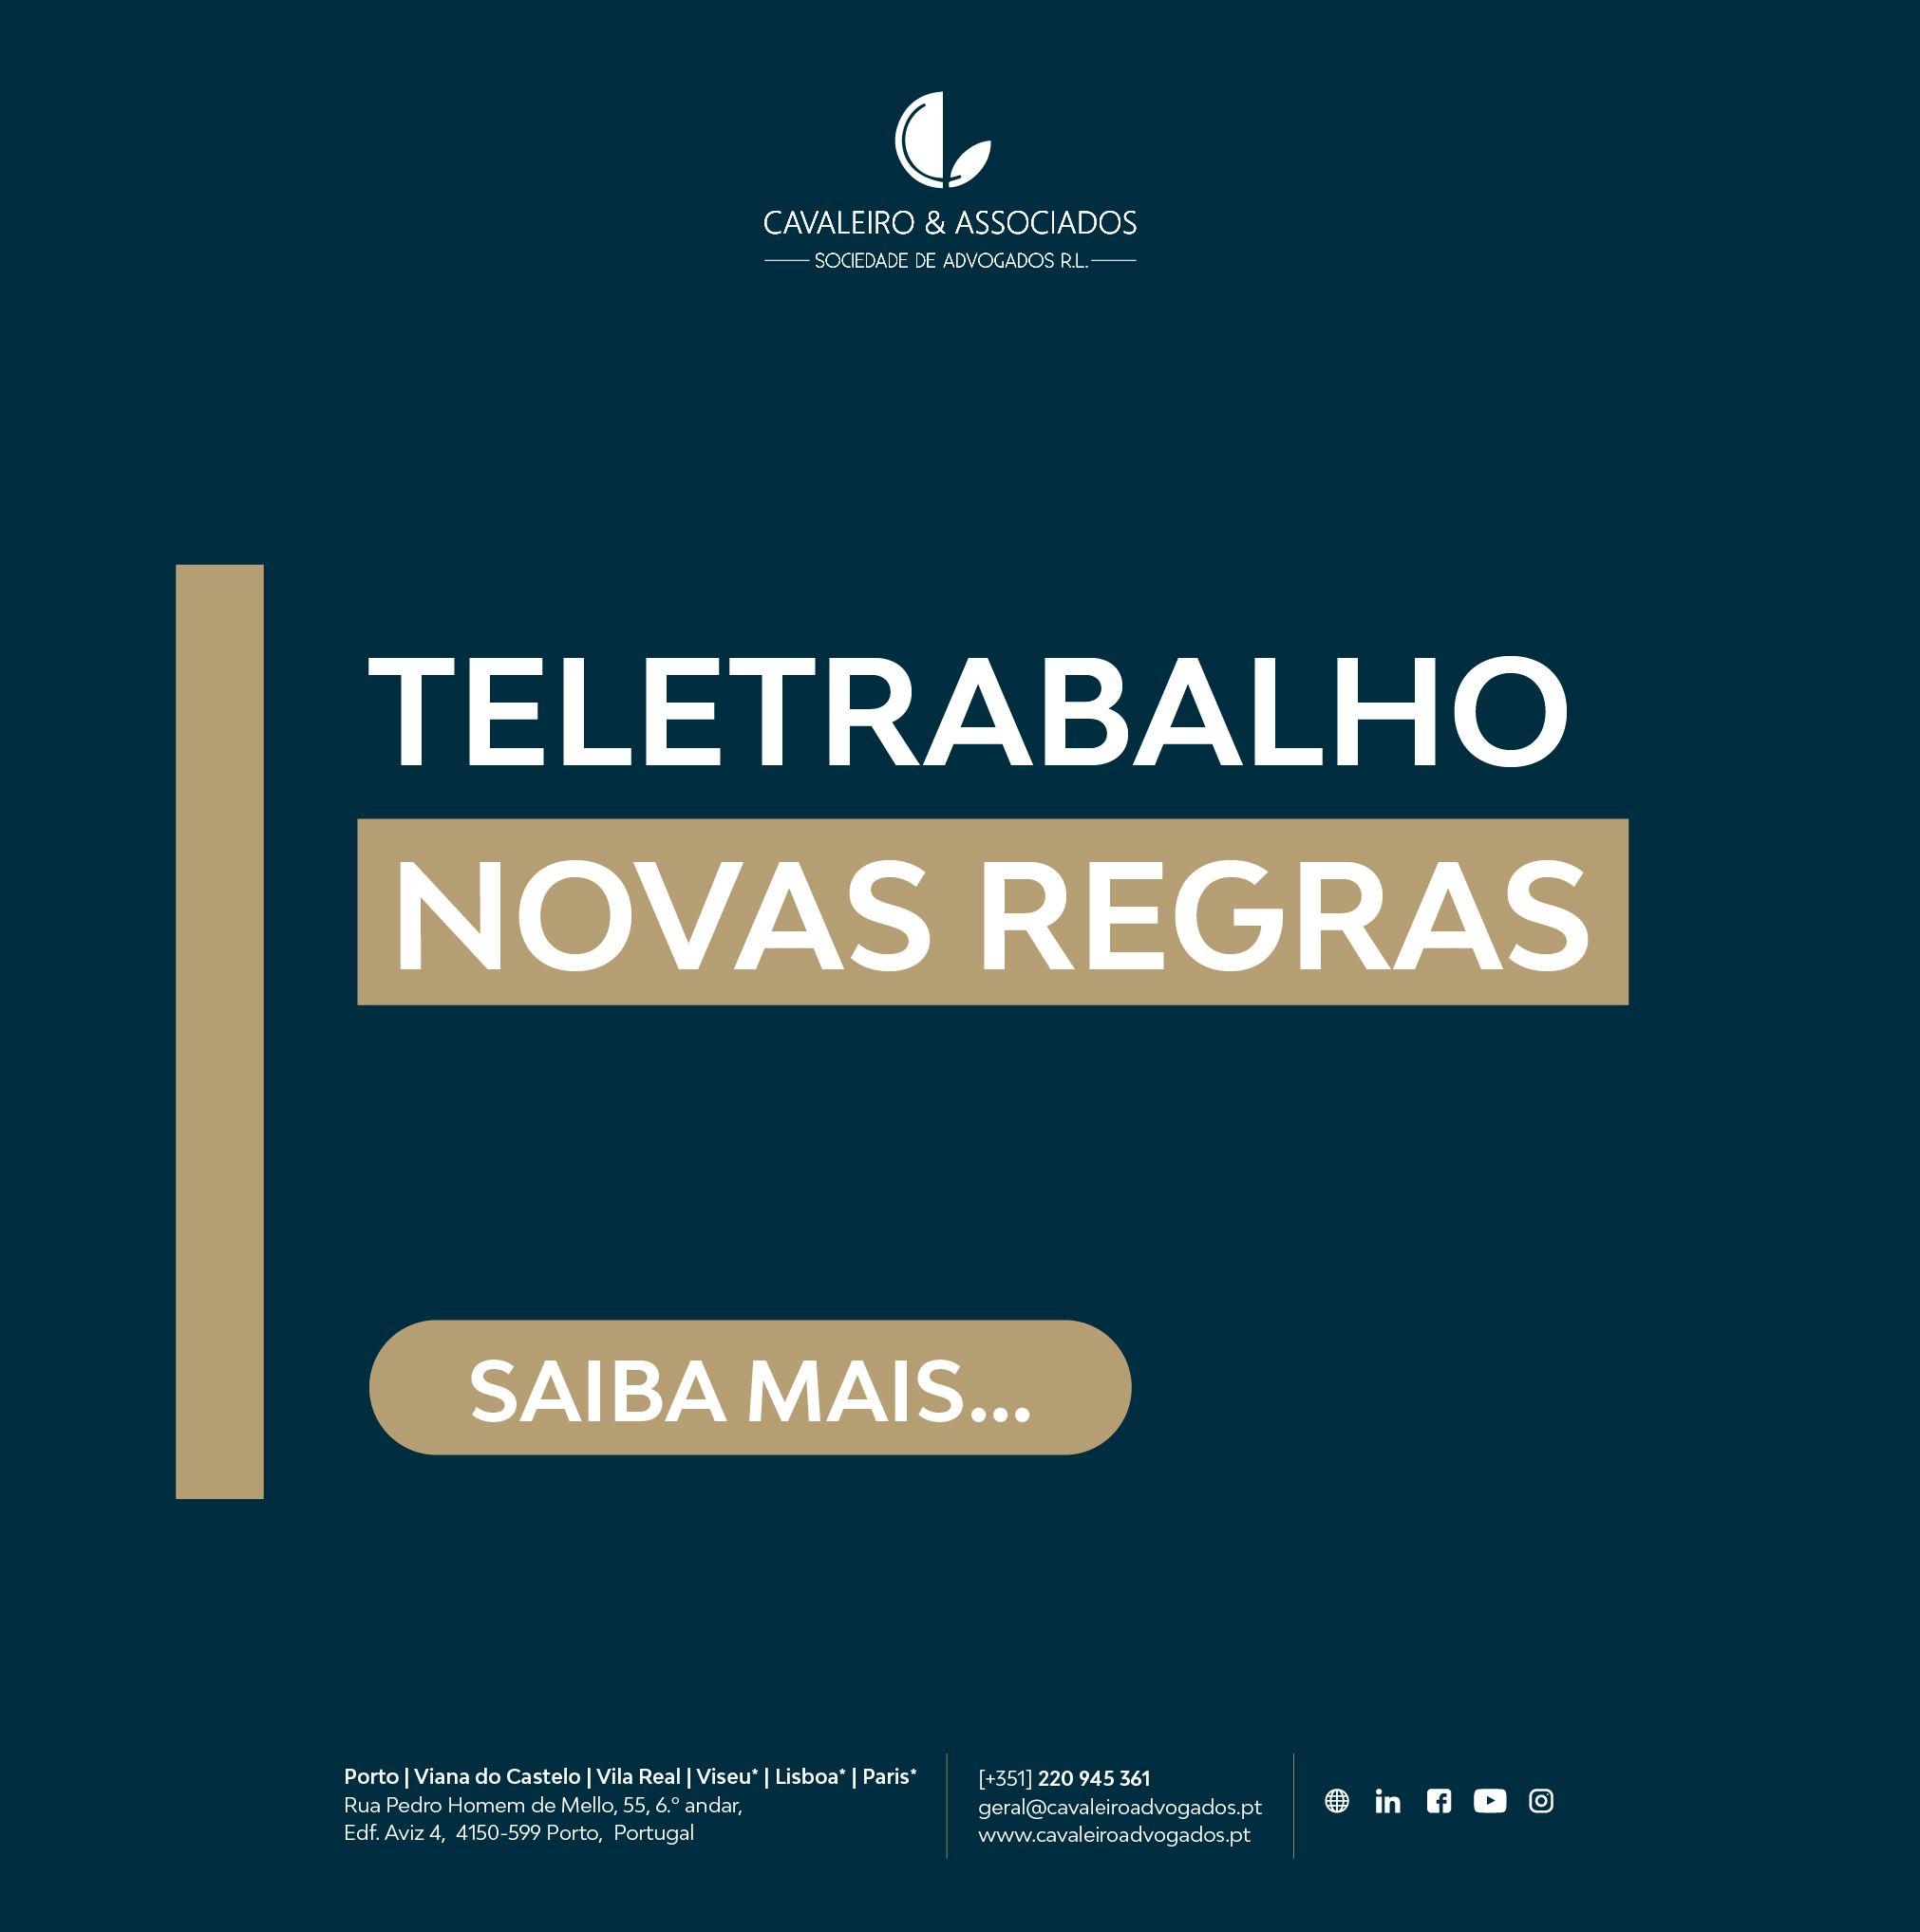 Teletrabalho: Novas Regras